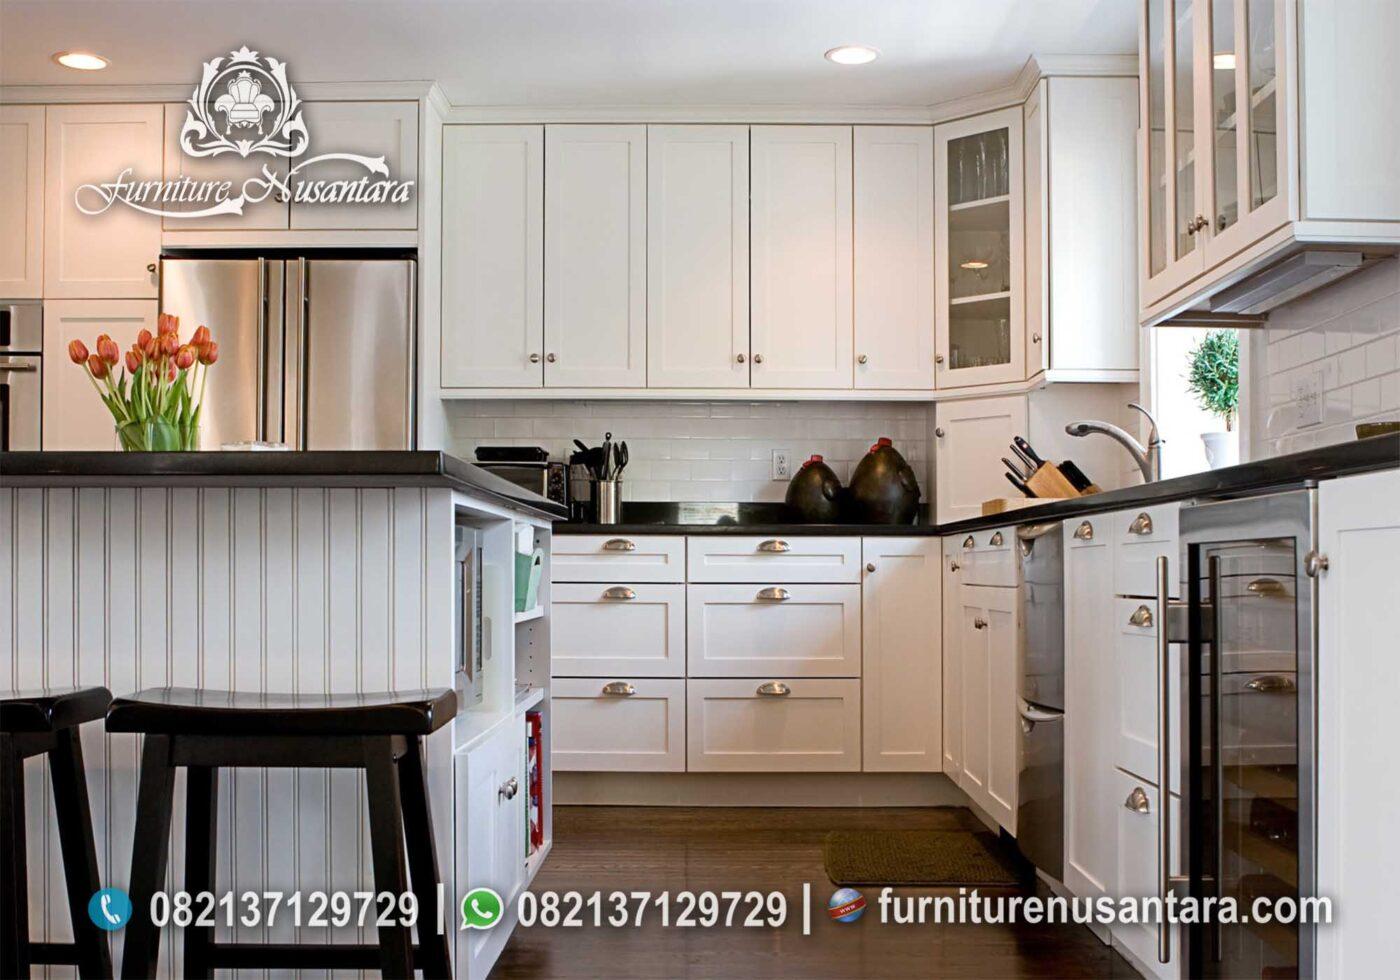 Dapur Minimalis Modern Furniture Nusantara KC-28